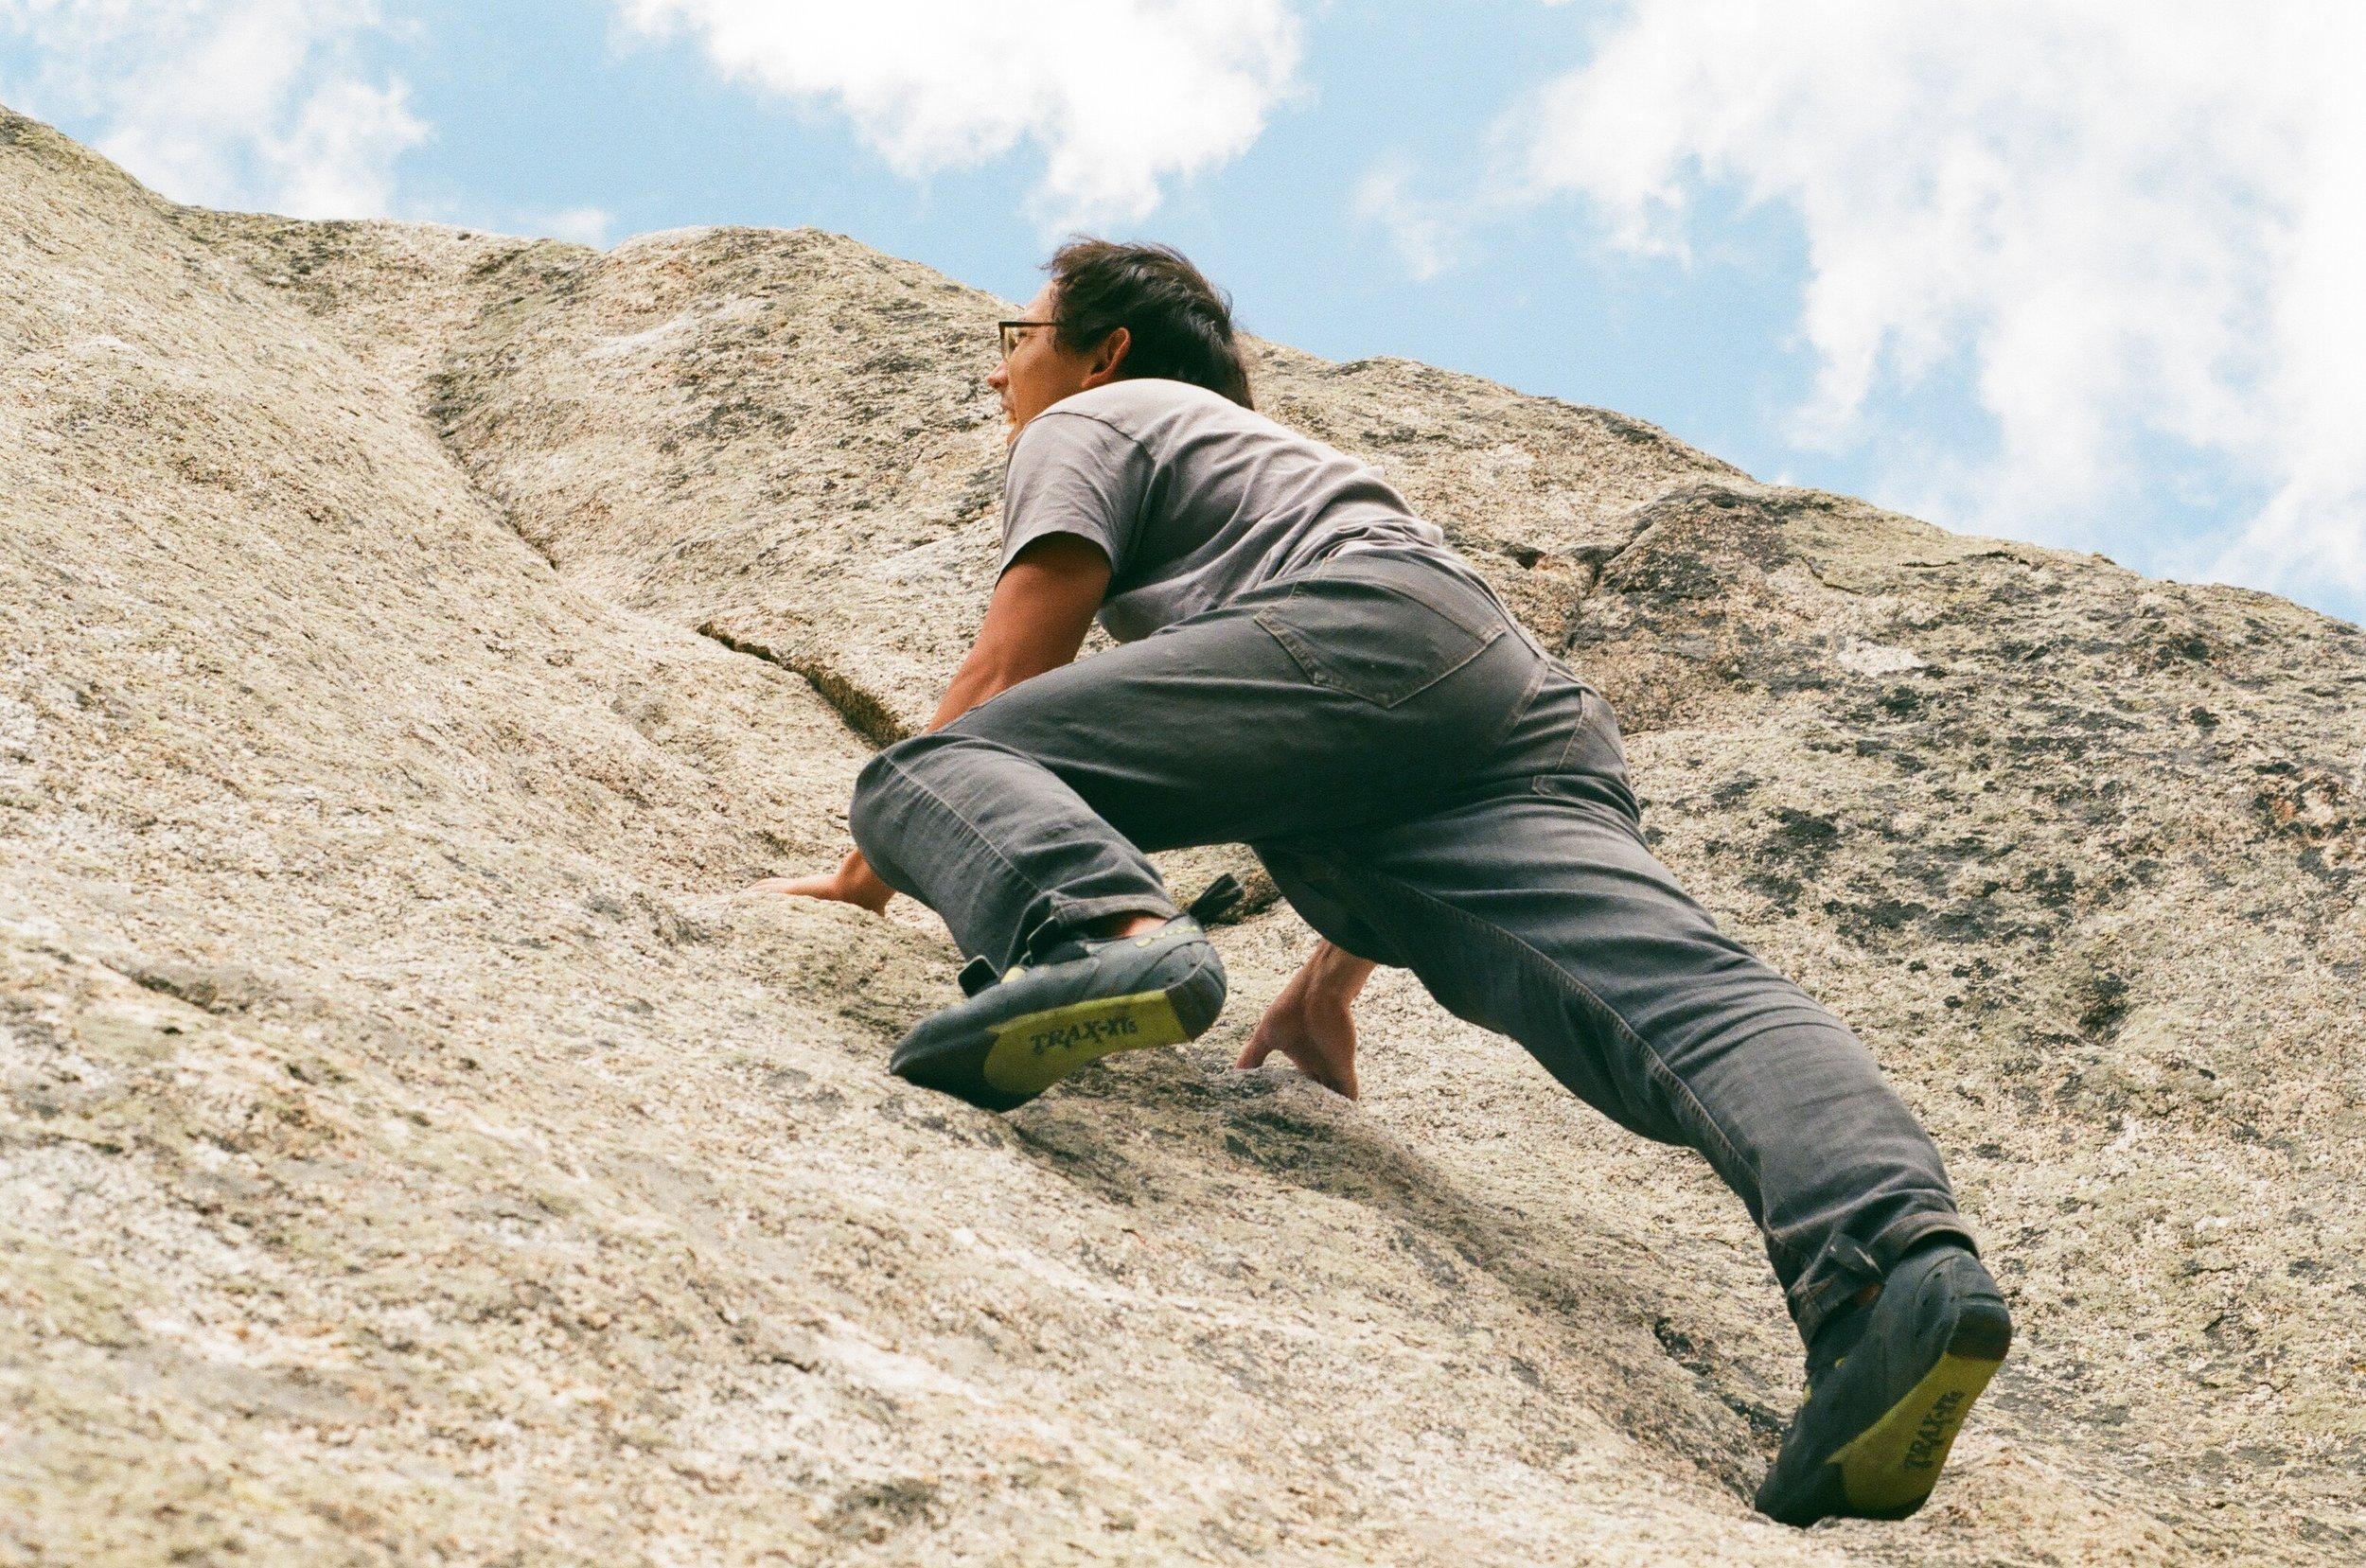 Owen Climbing, 35mm